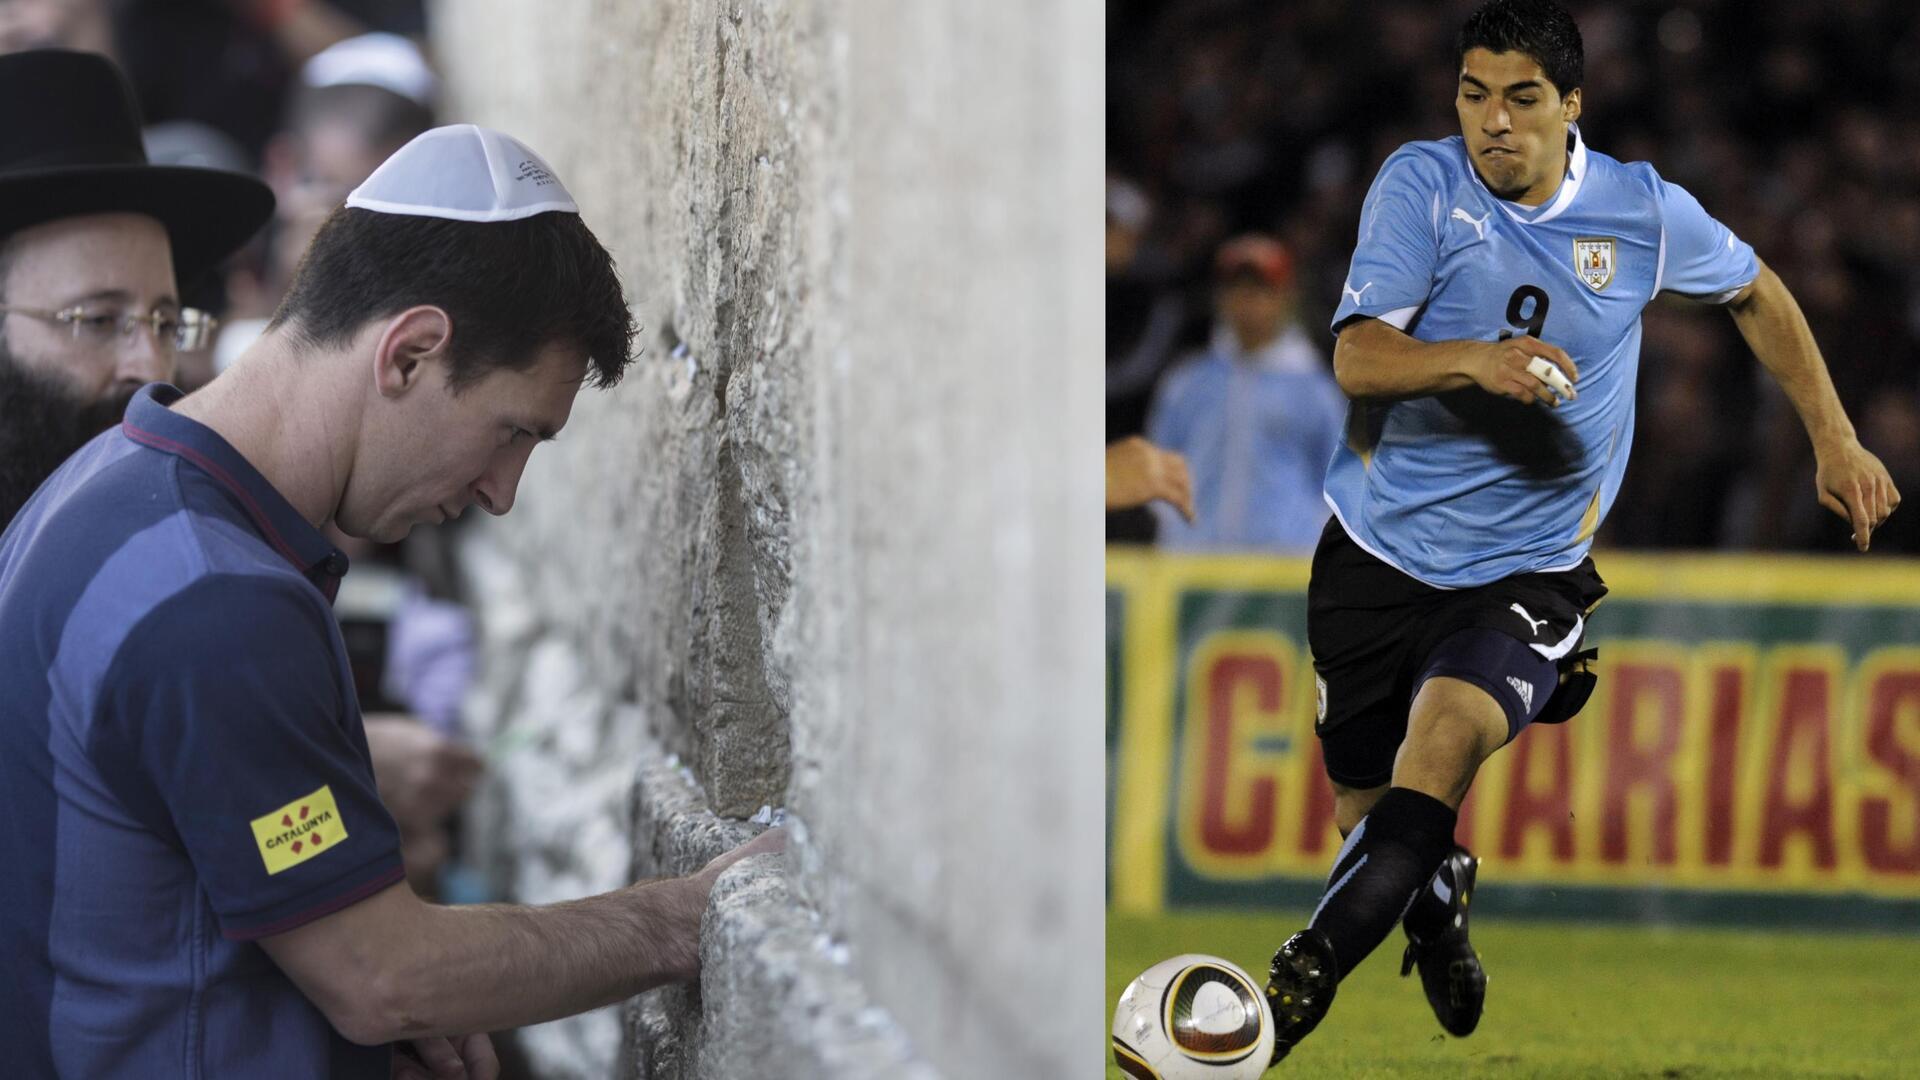 أصوات تطالب ميسي وسواريز بعدم التواطؤ مع جرائم حرب إسرائيل